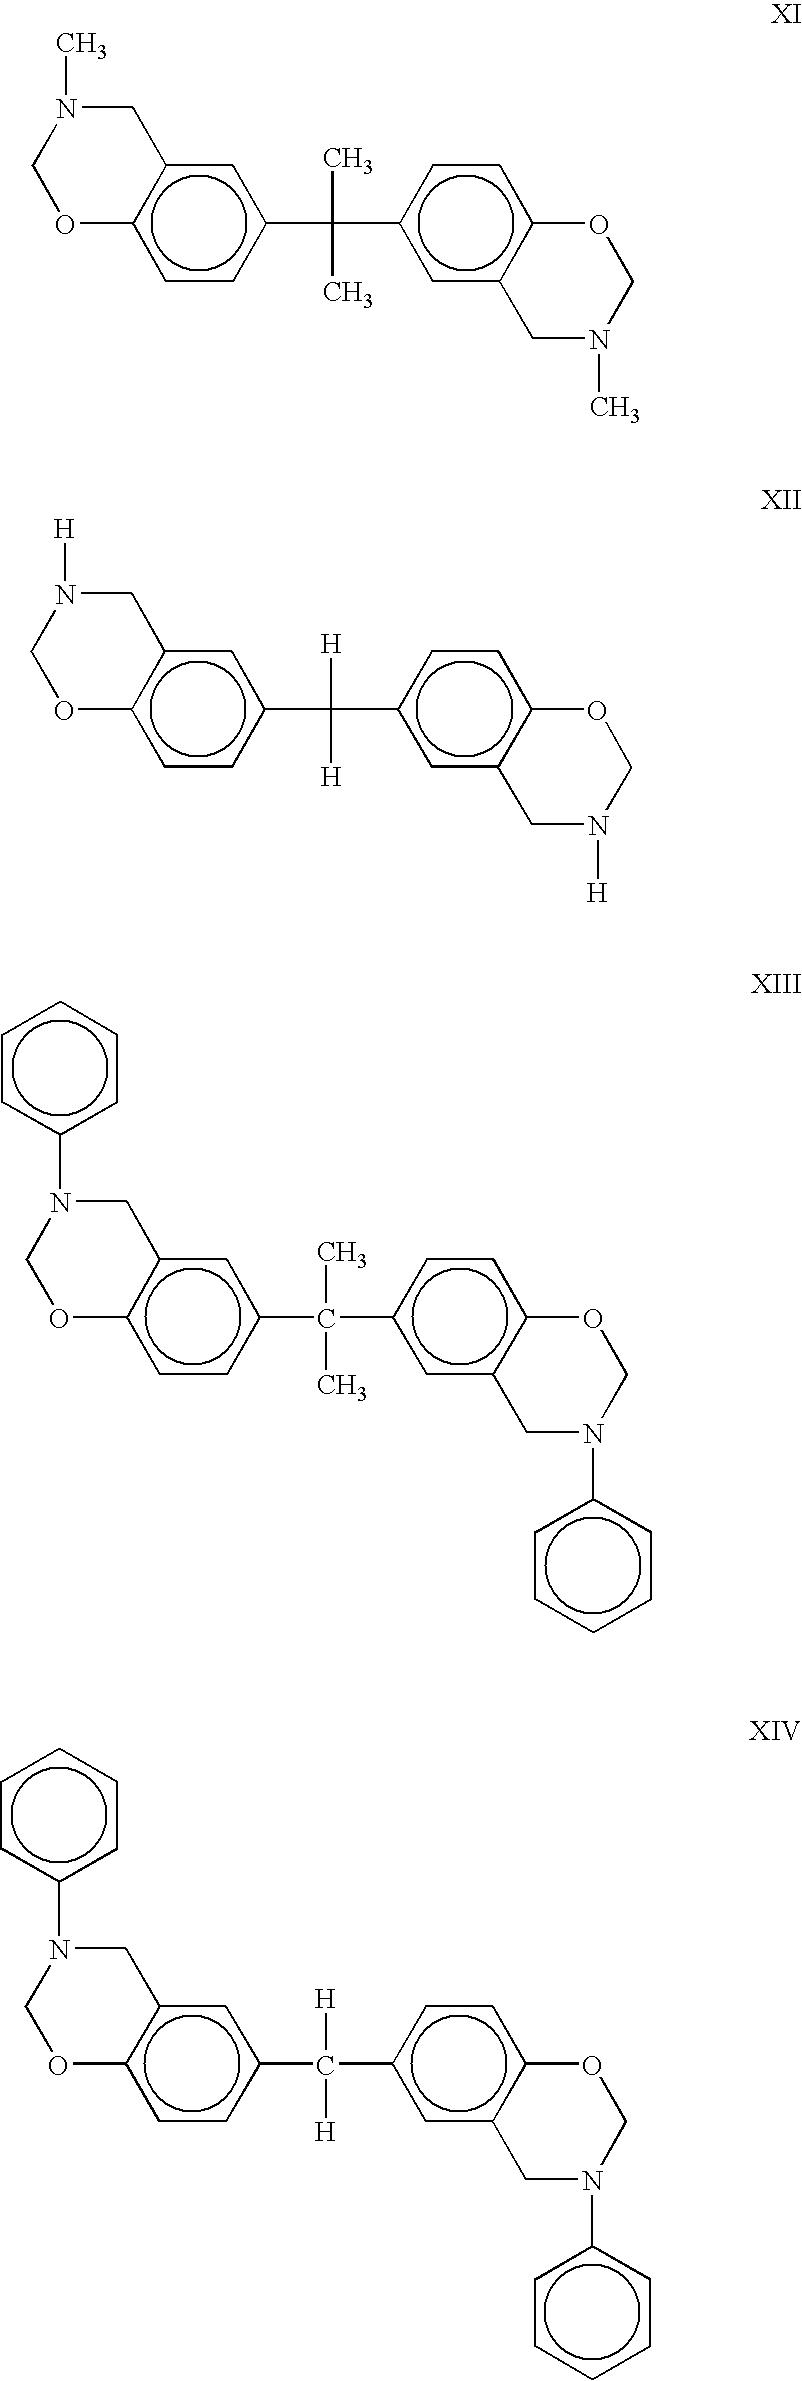 Figure US07537827-20090526-C00007